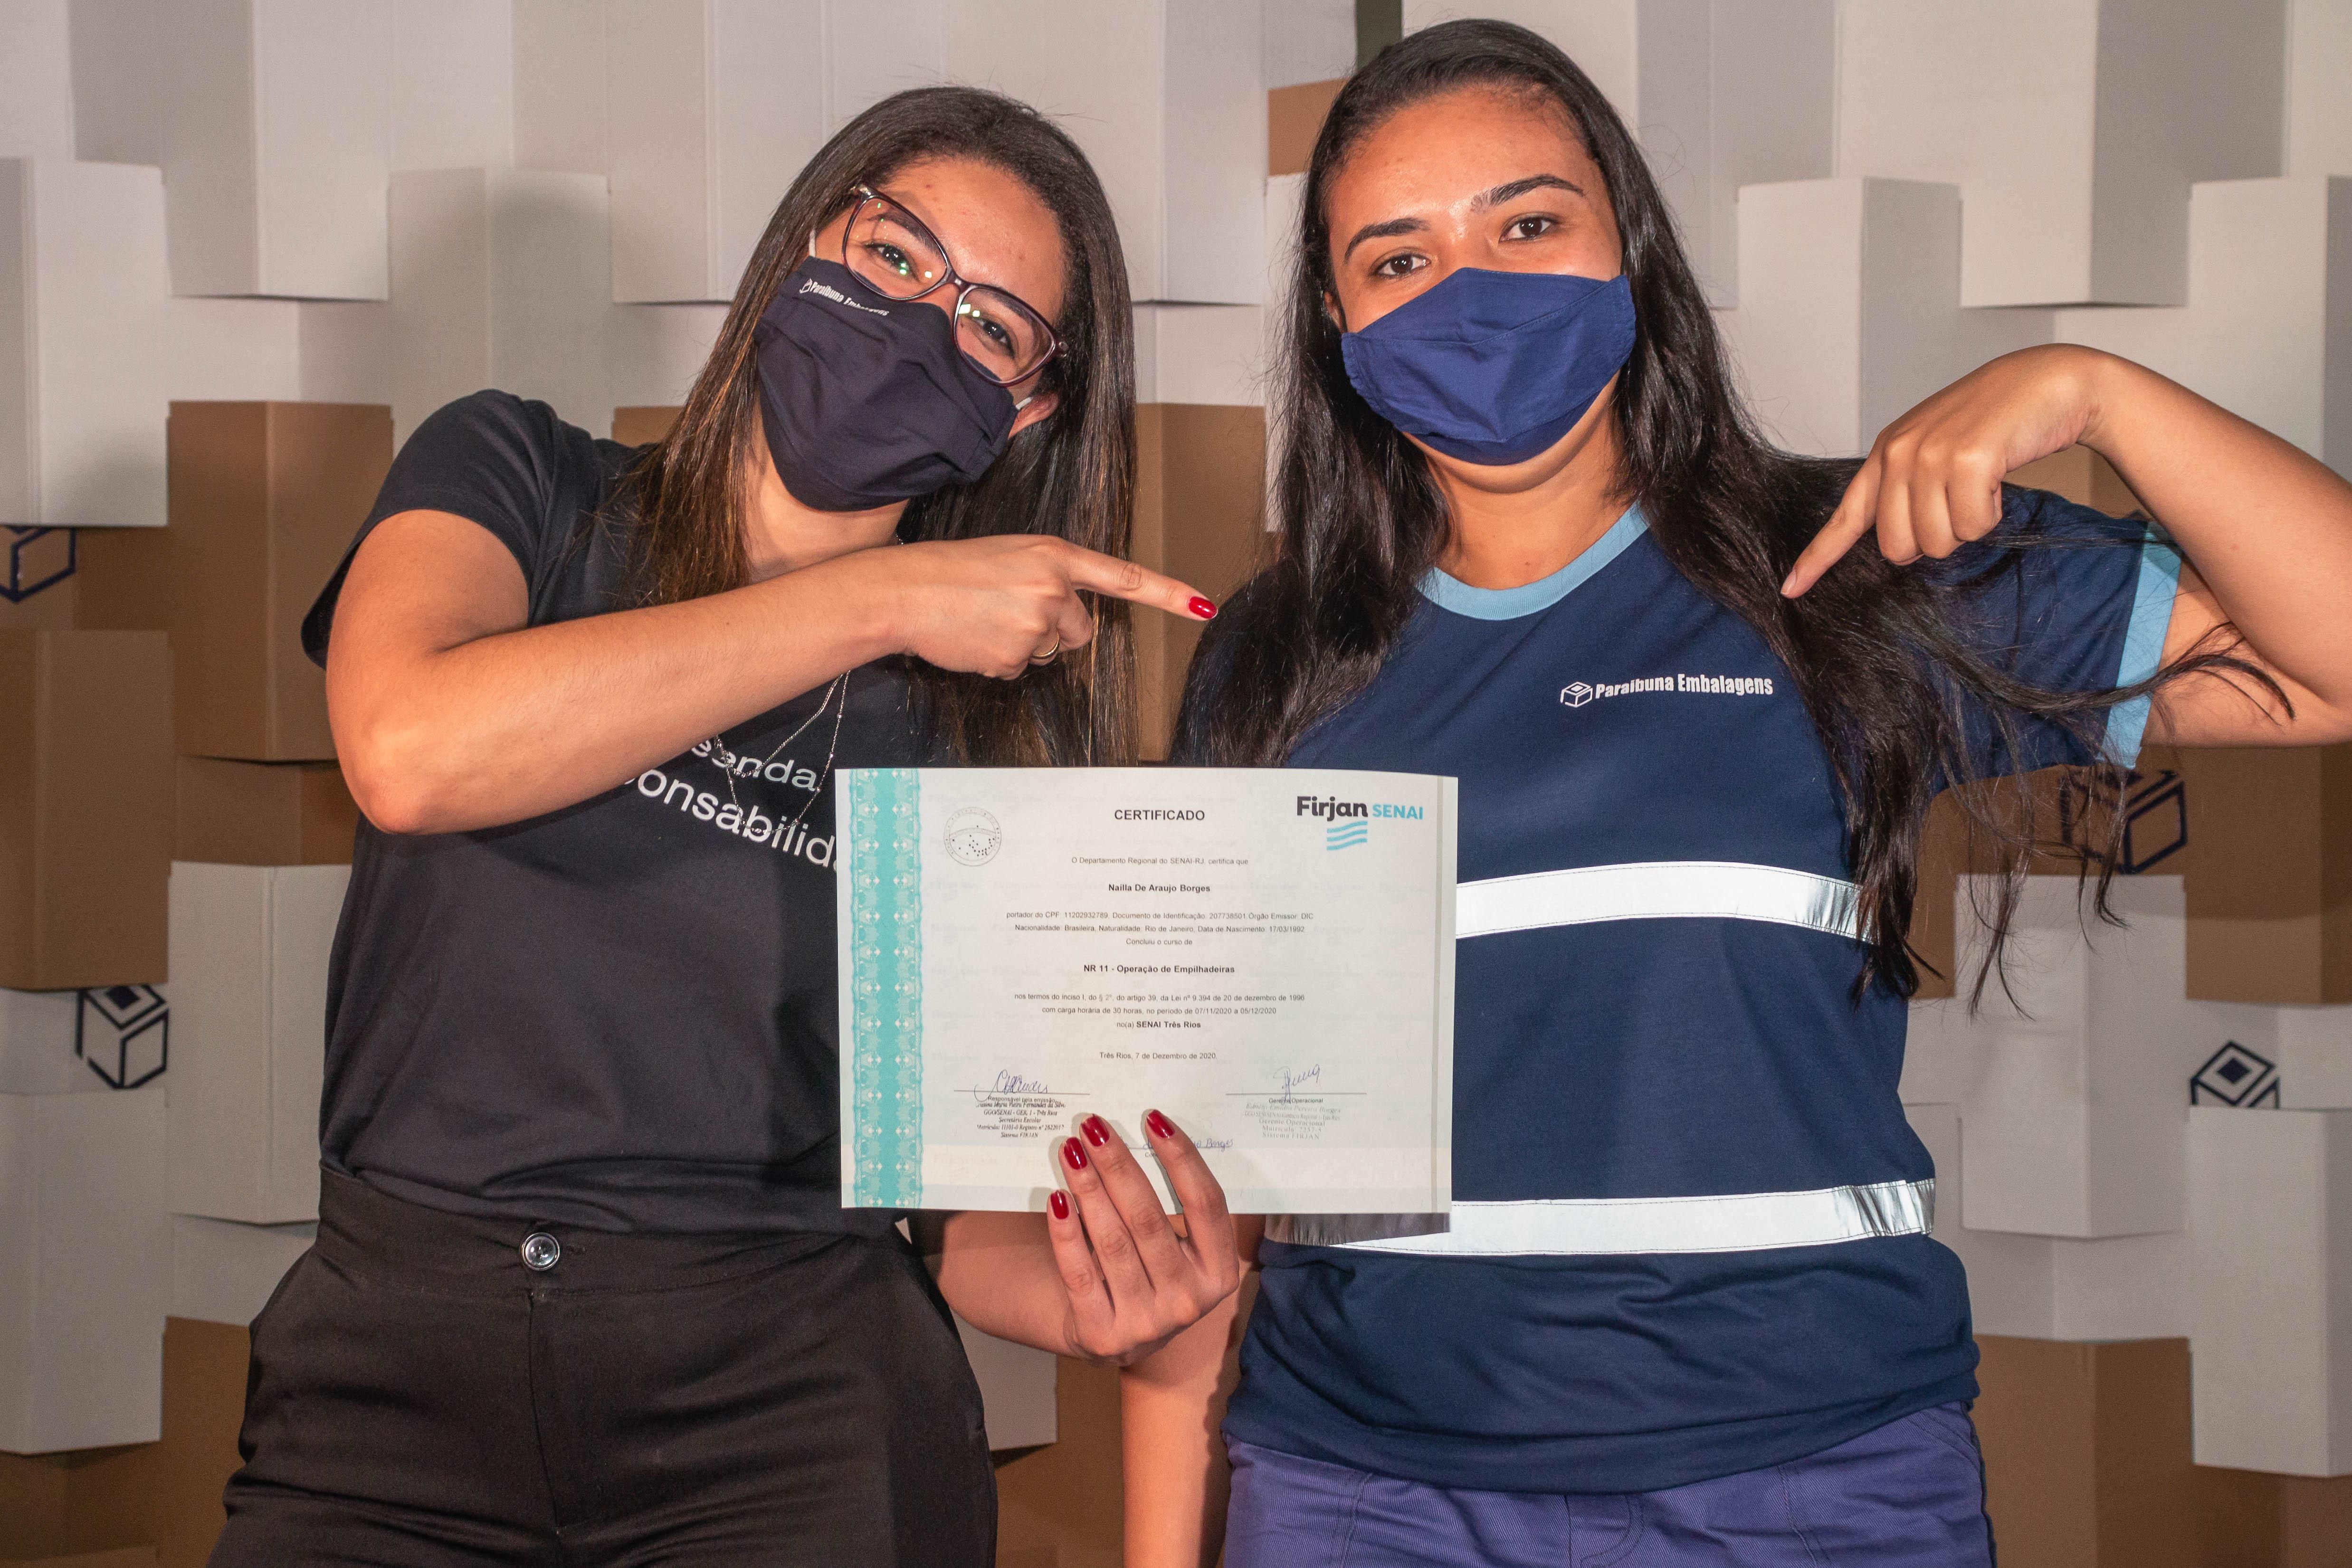 PARAIBUNA EMBALAGENS FORMA PRIMEIRA TURMA DO CURSO DE EMPILHADEIRA EXCLUSIVO PARA MULHERES